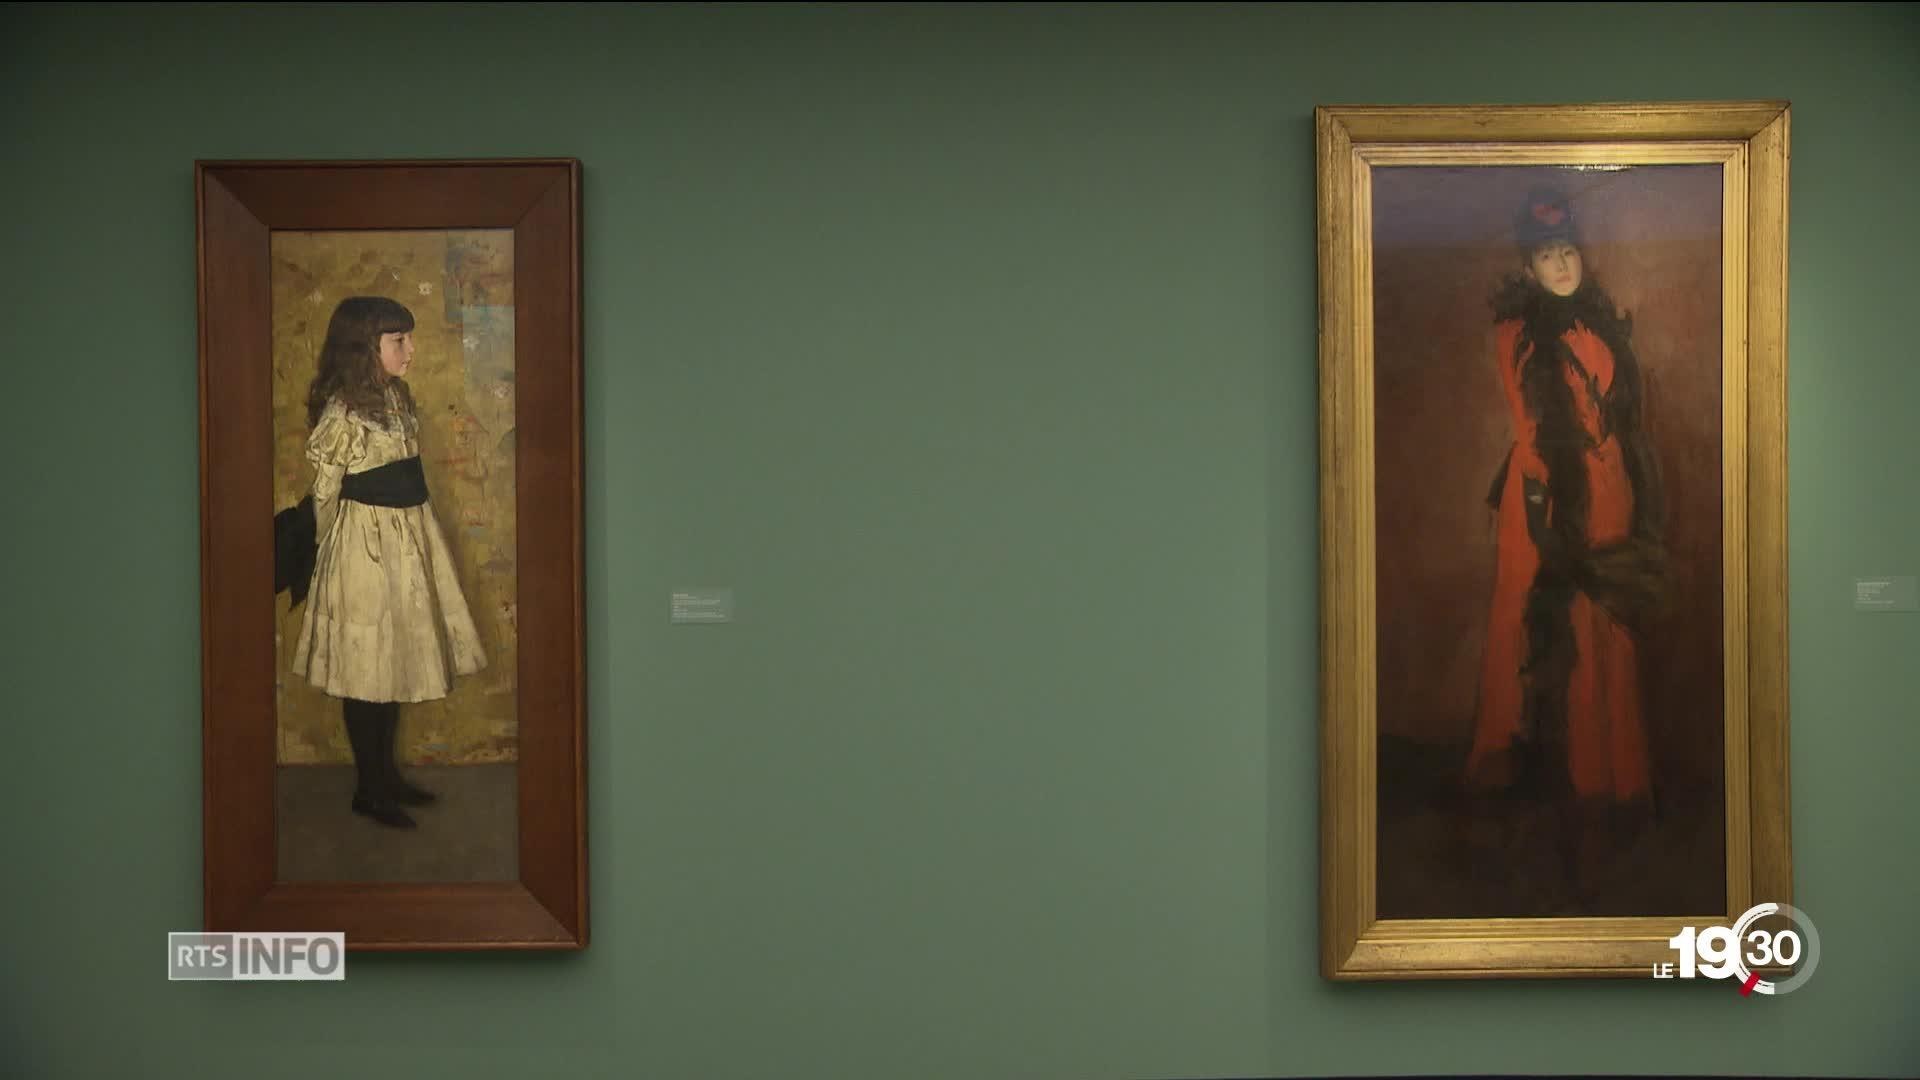 Lhermitage Expose Le Meilleur De La Peinture Anglaise Du 19e Siècle